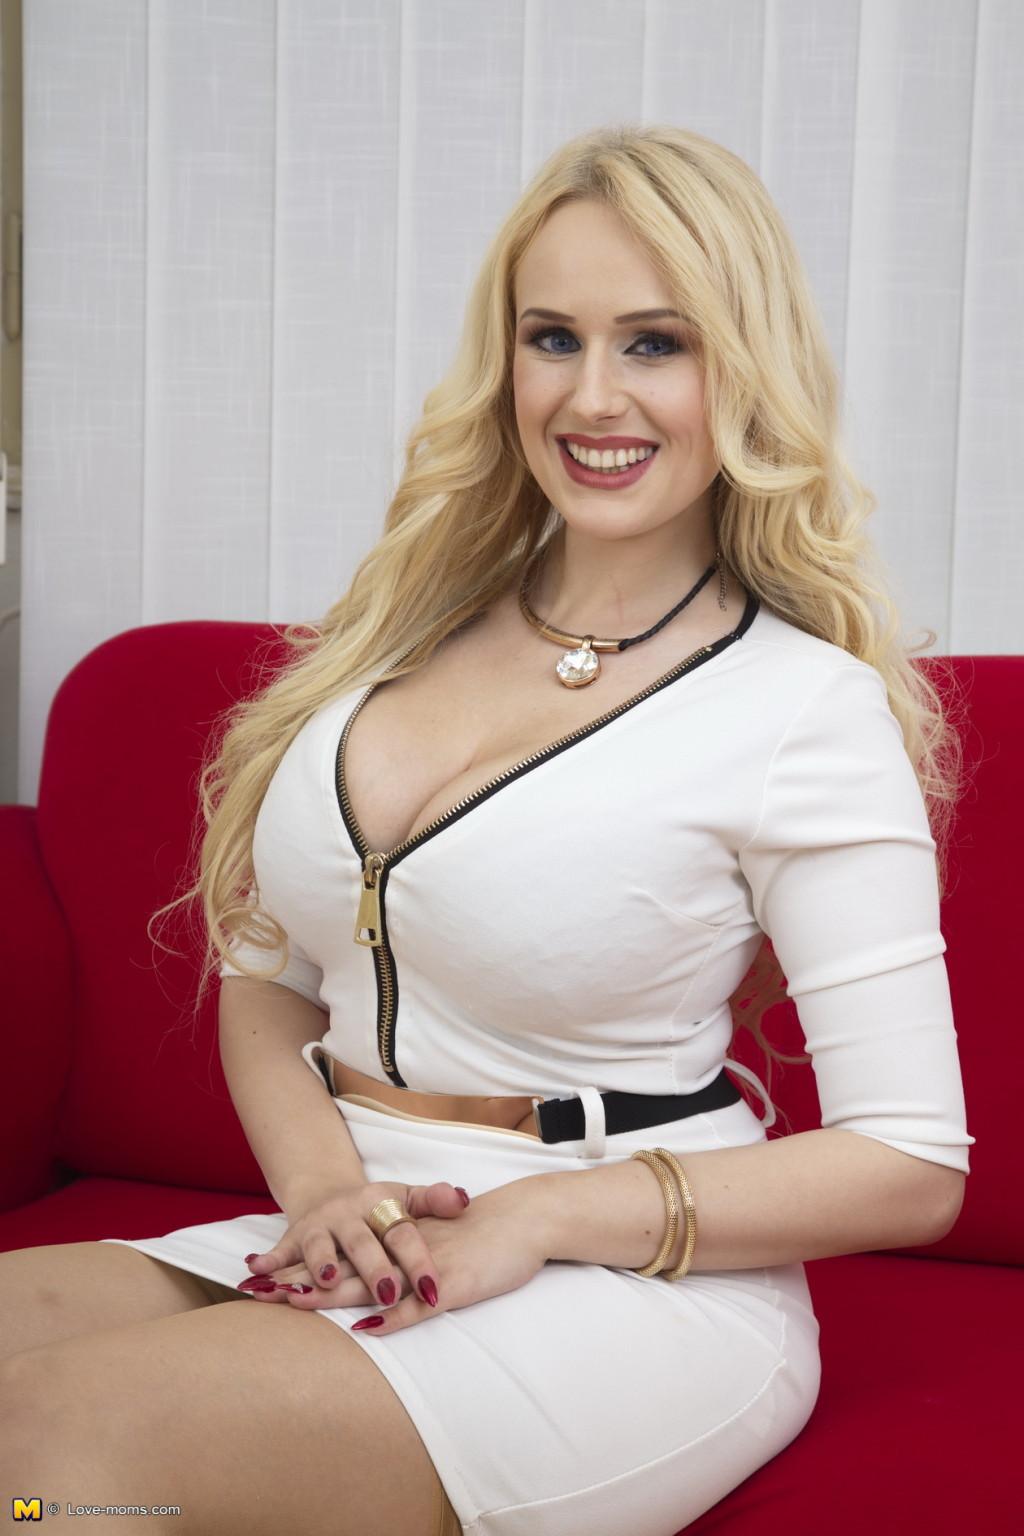 Short Blonde Teen Big Tits